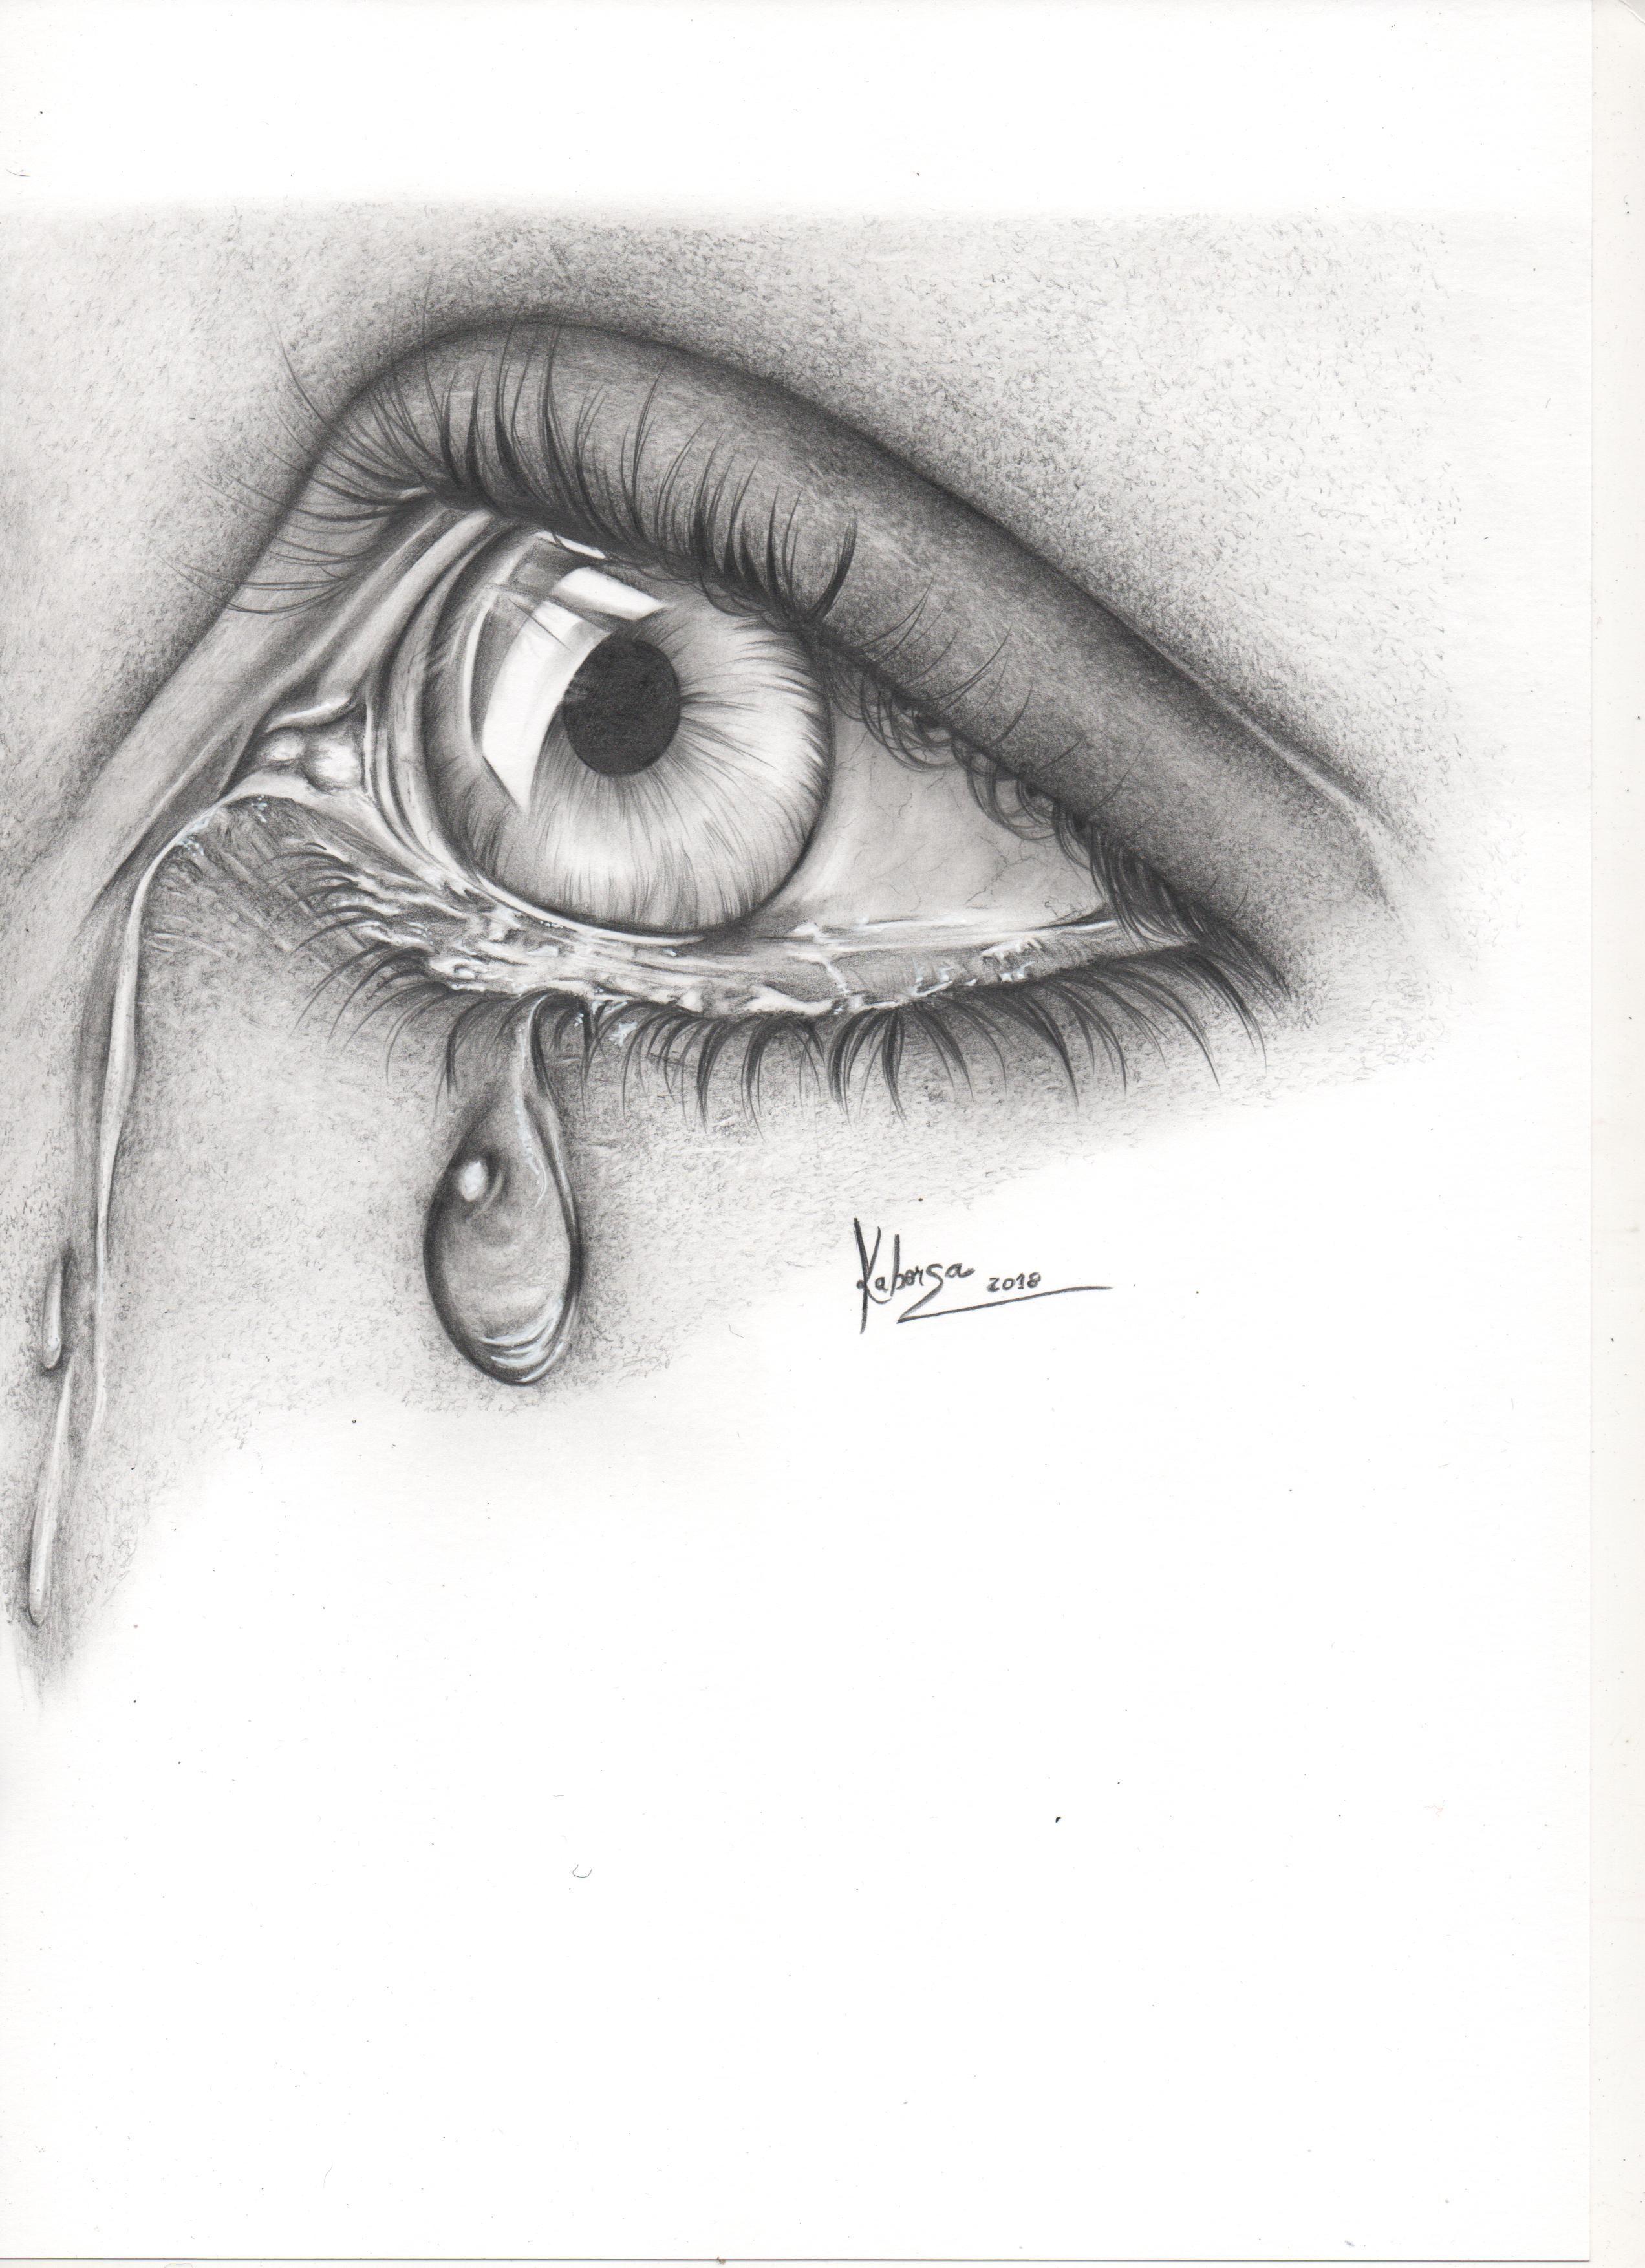 Um Choro Pode Ser Emocao Alegria Tristeza Tudo Depende Do